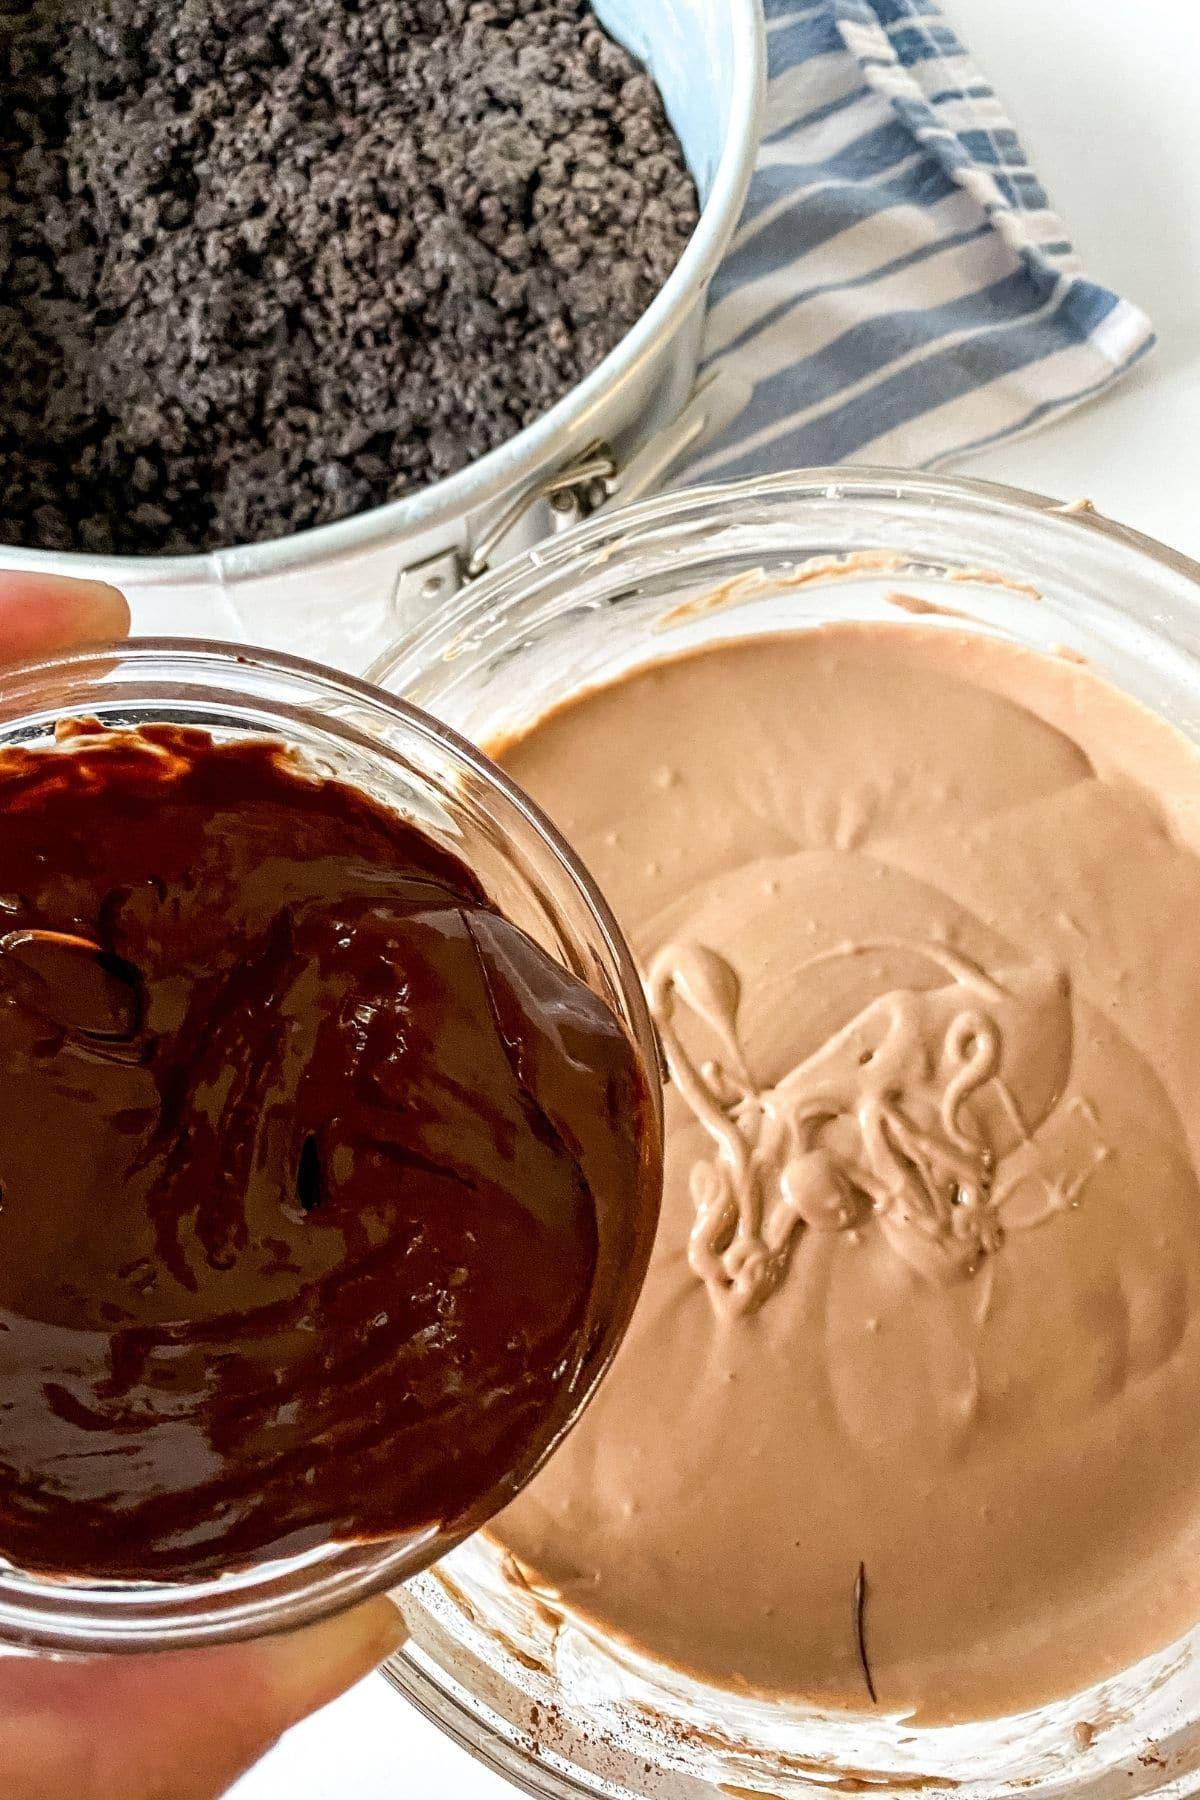 Adding chocolate to cheesecake